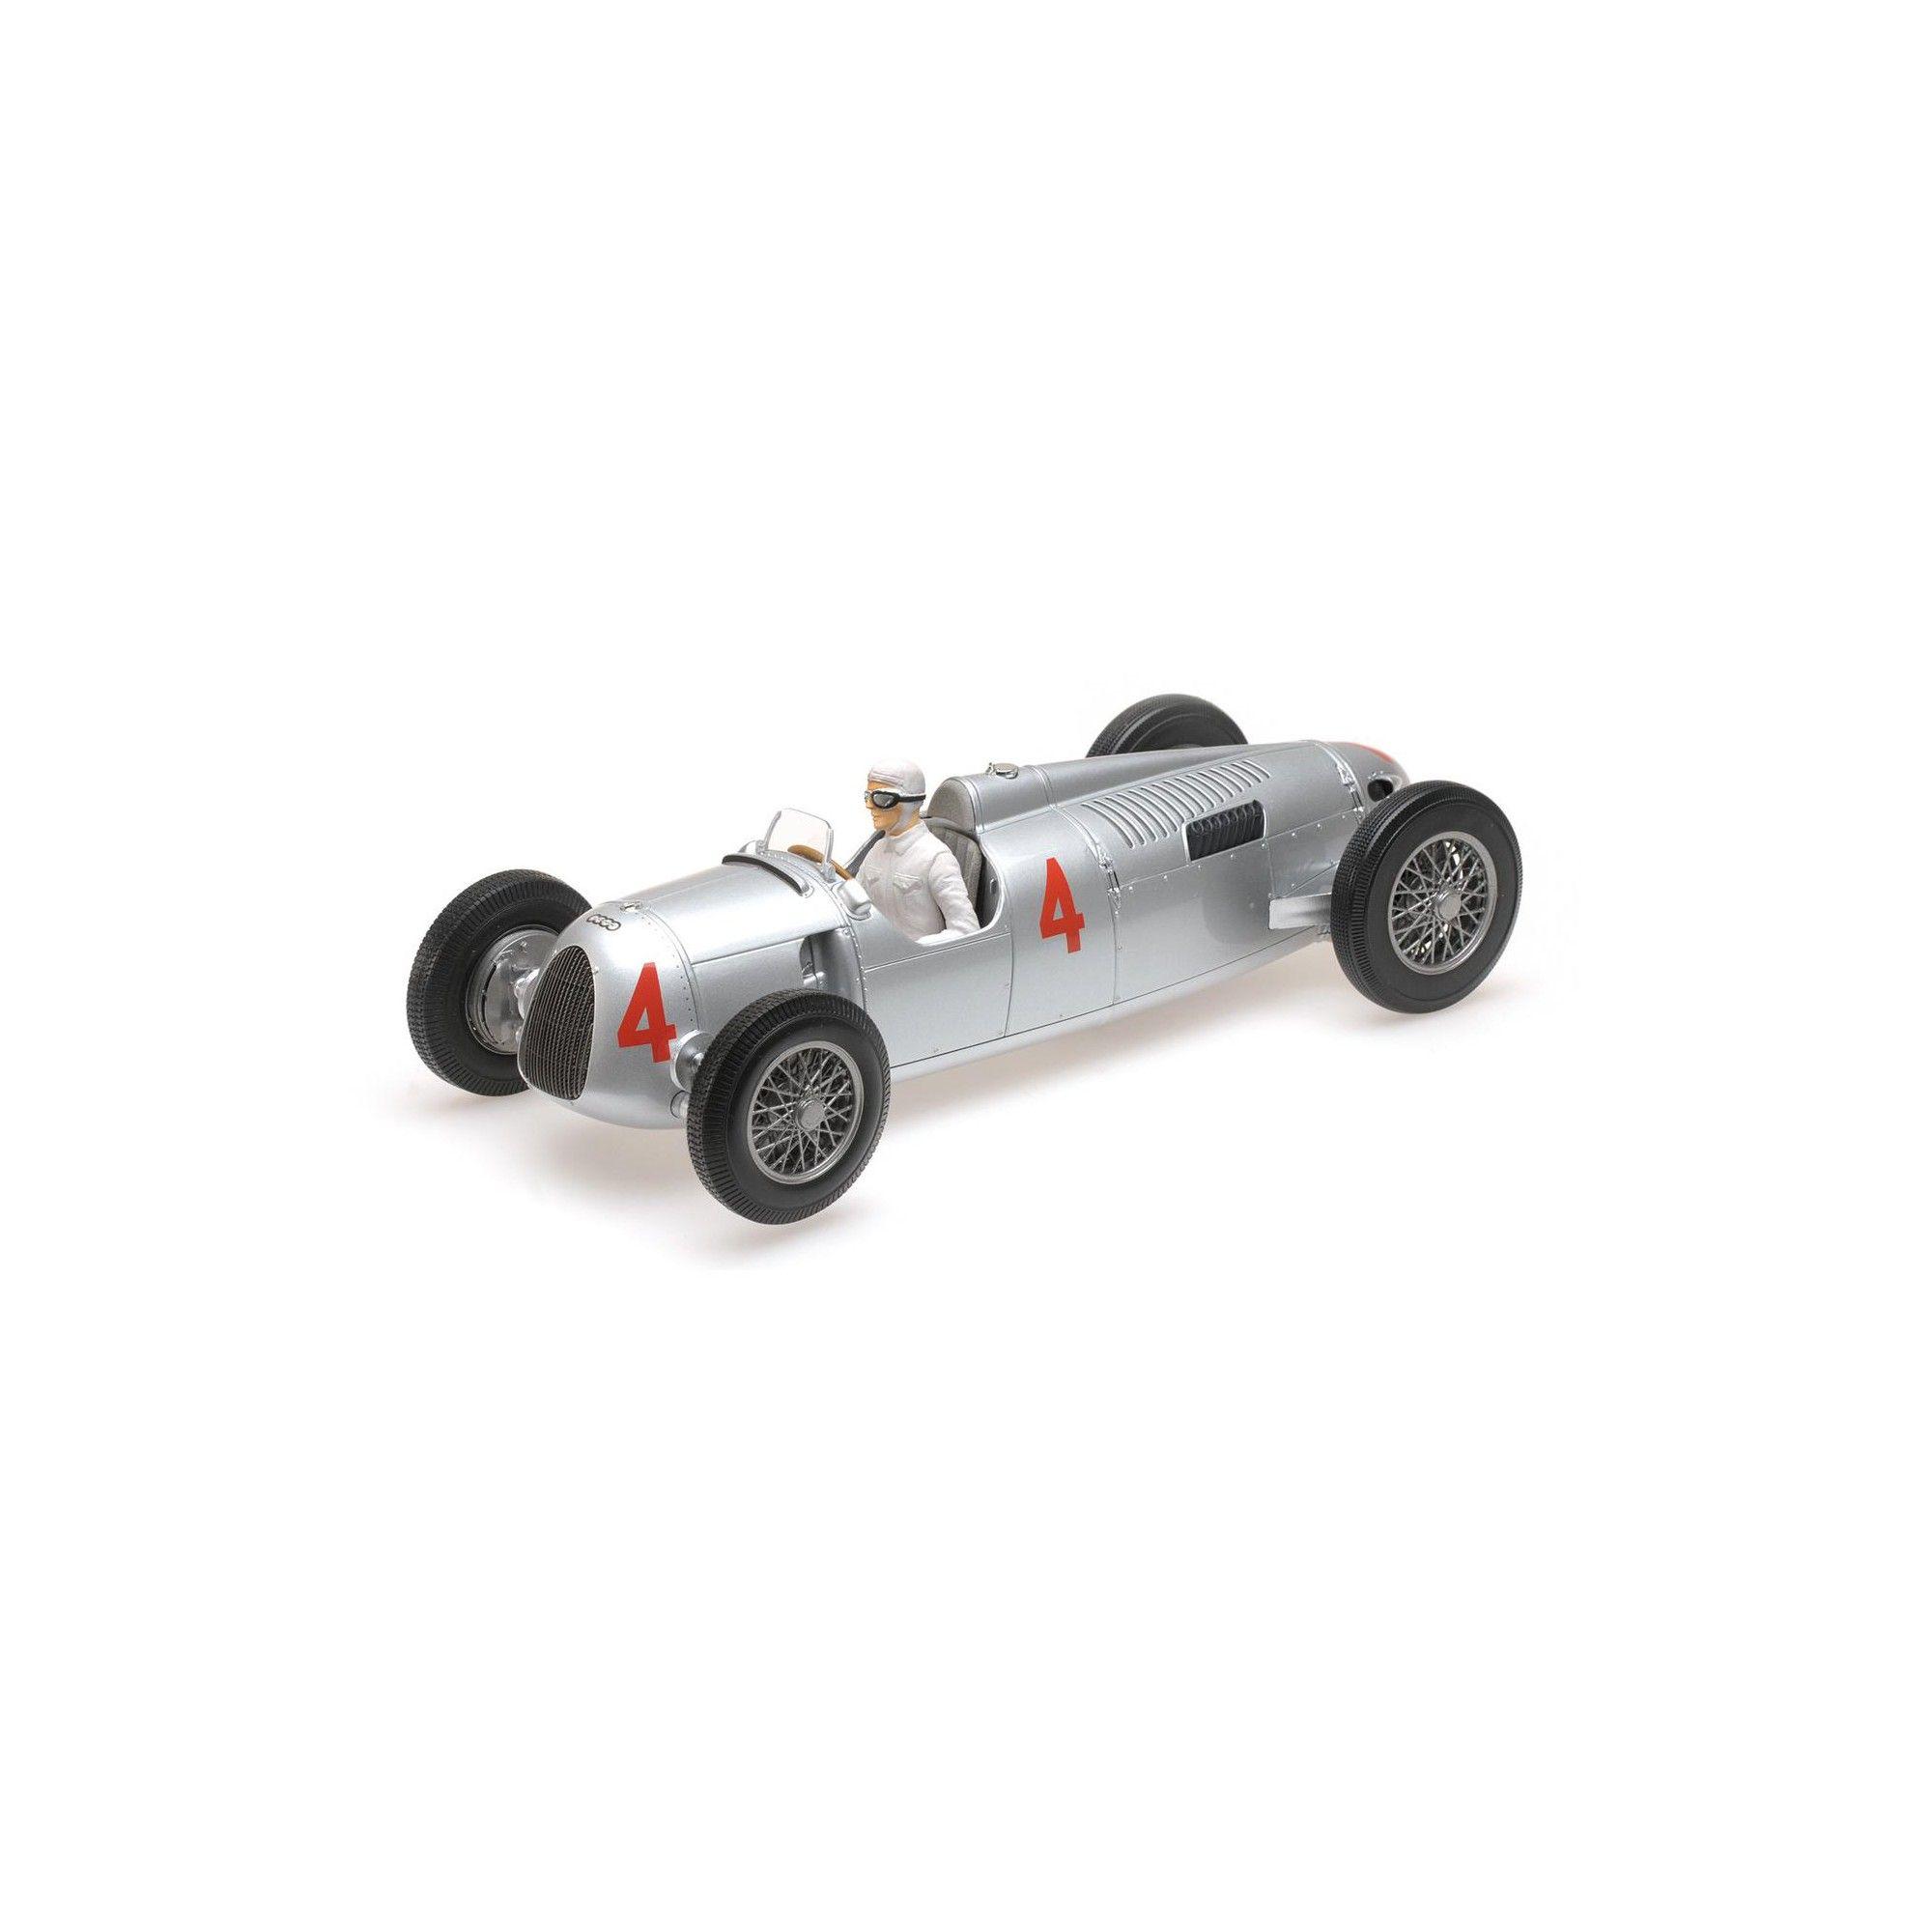 Auto Union Type C 1936 Automobile de Monaco GP 2nd Place Achille Varzi  4  Ltd to 504pcs w figure 1 18 Diecast Minichamps 7d175456018